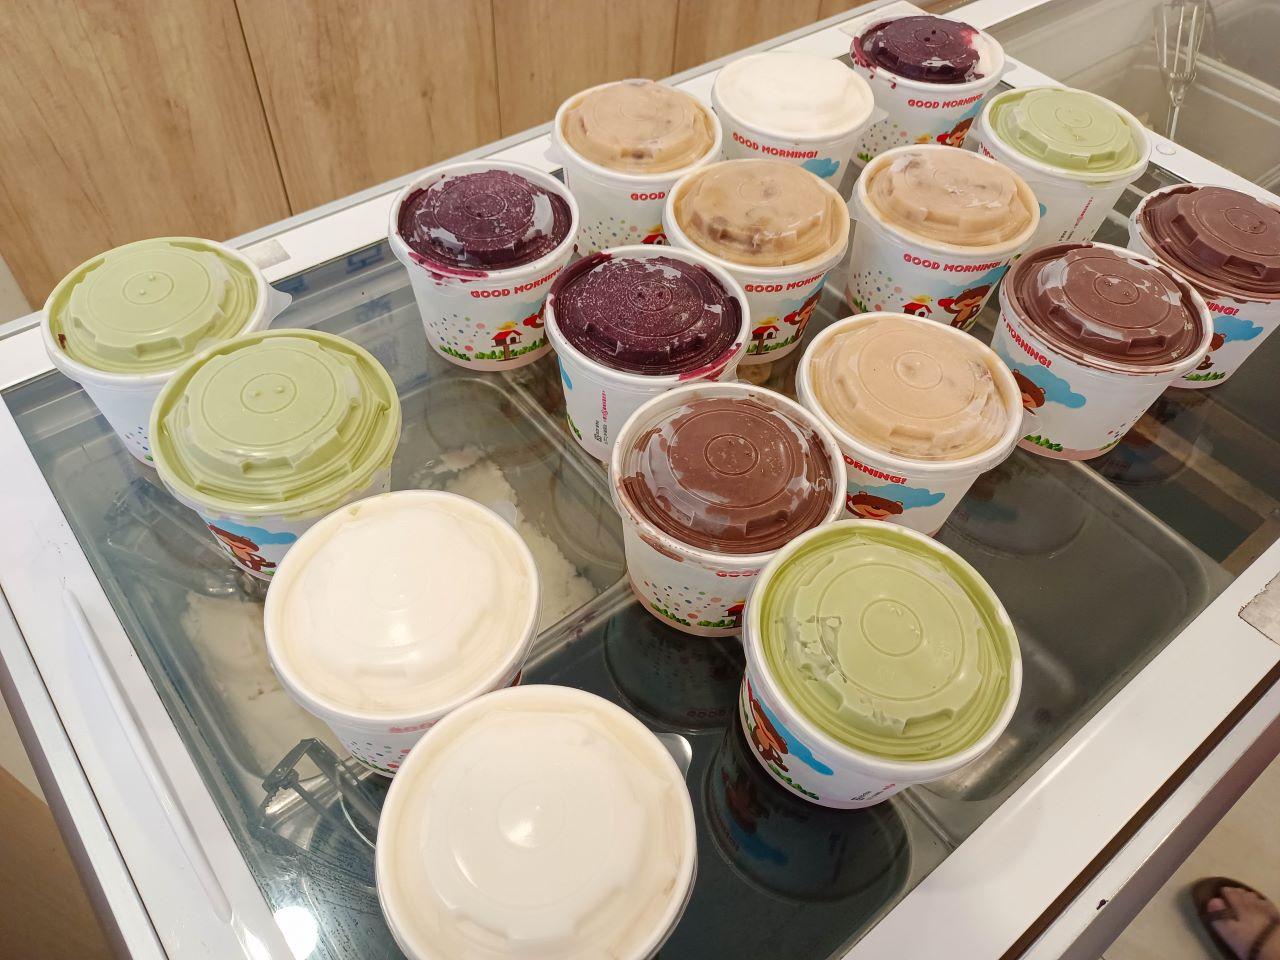 (桃園平鎮美食)吉旺綿綿冰一大杯手工冰品6大球只賣你45元(最多可選6種口味),老闆一年只營業幾個月時間很隨興 @Nancy將的生活筆計本